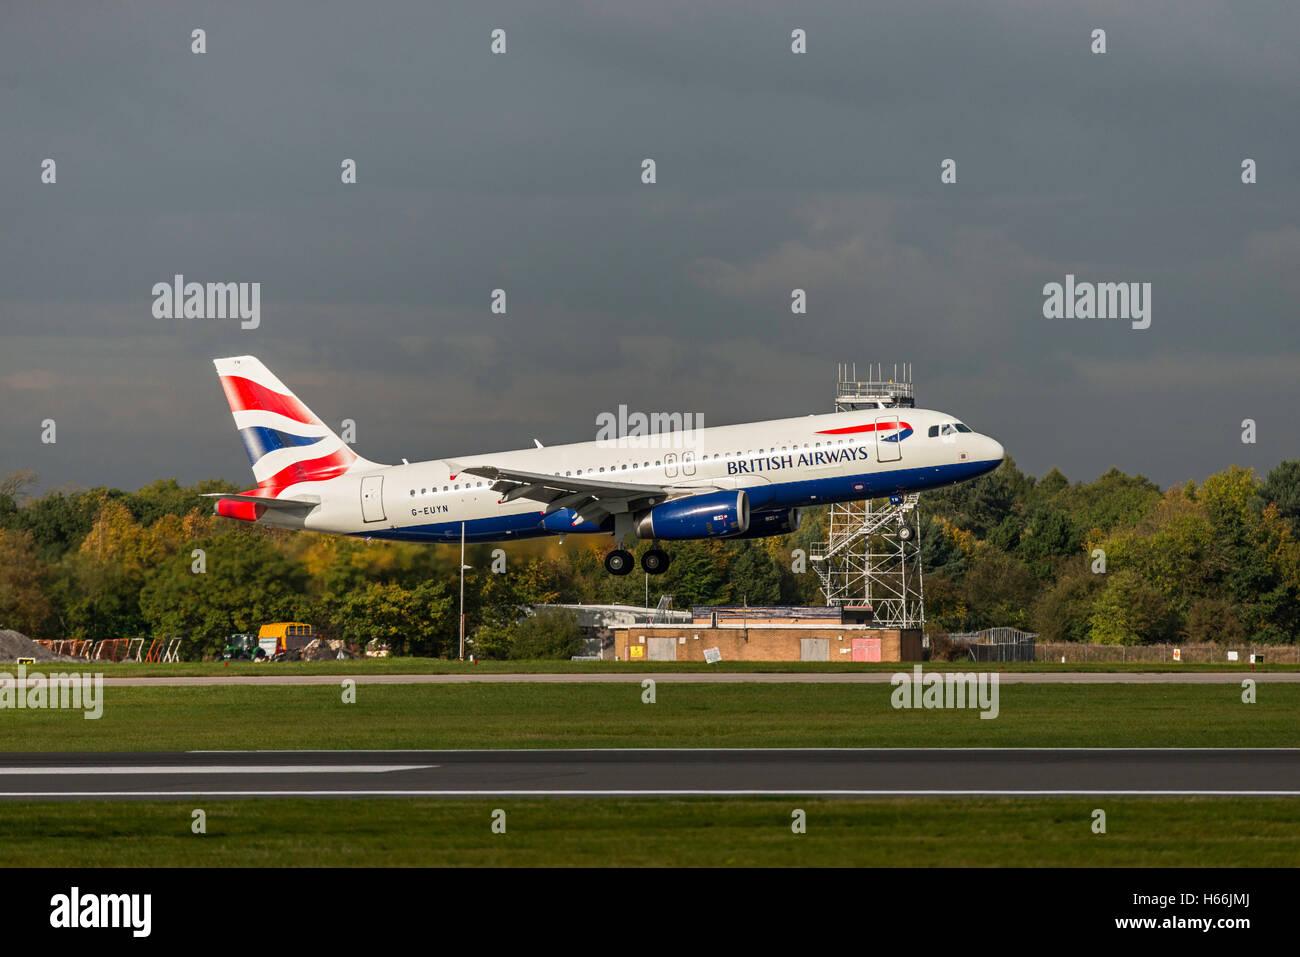 Airbus A320 - MSN 4975 - G-EUYN British Airways Manchester Airport Englan Uk. Arrivals, departures. landing, take - Stock Image